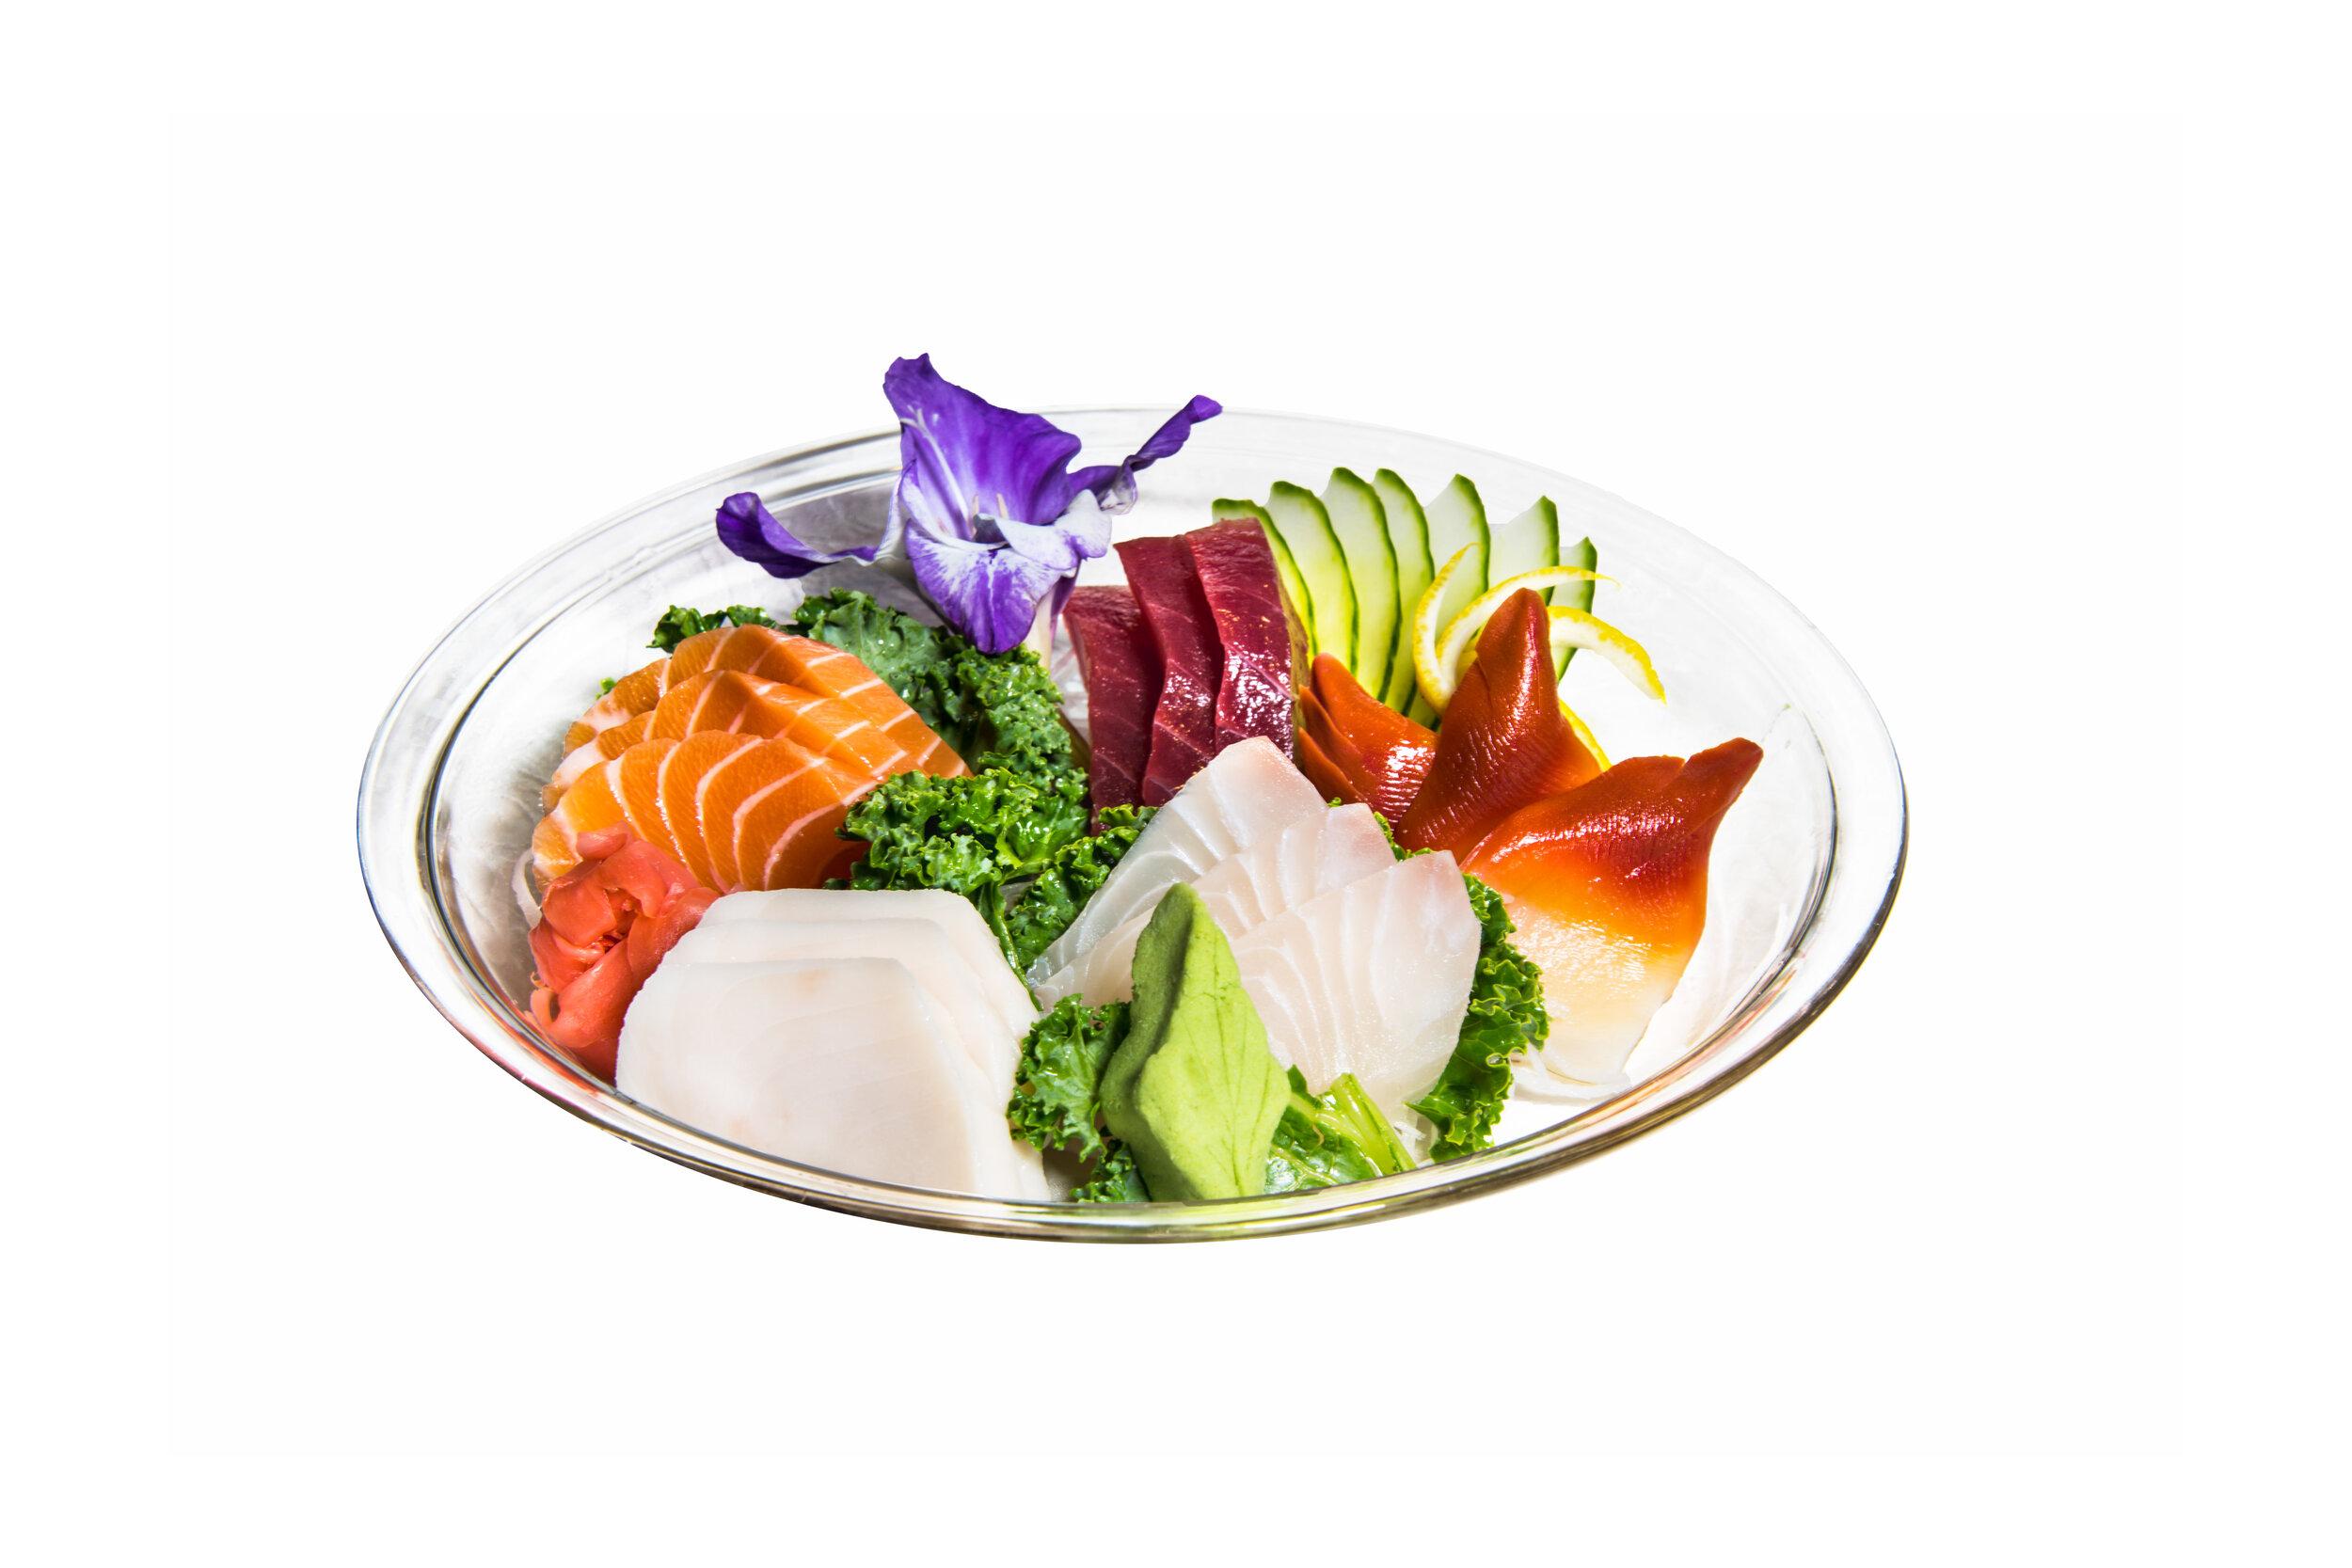 Sashimi (E) 15 pcs $15.99